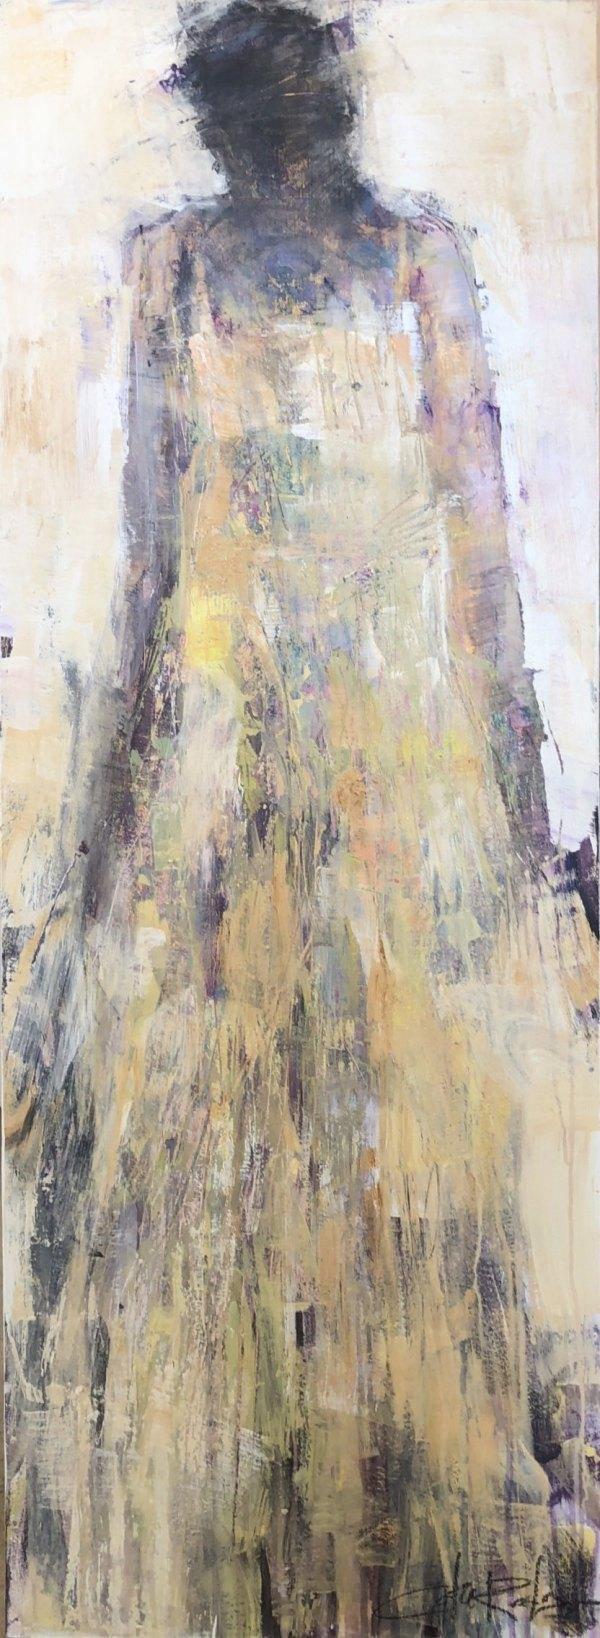 Whisper of Hope by catie radney